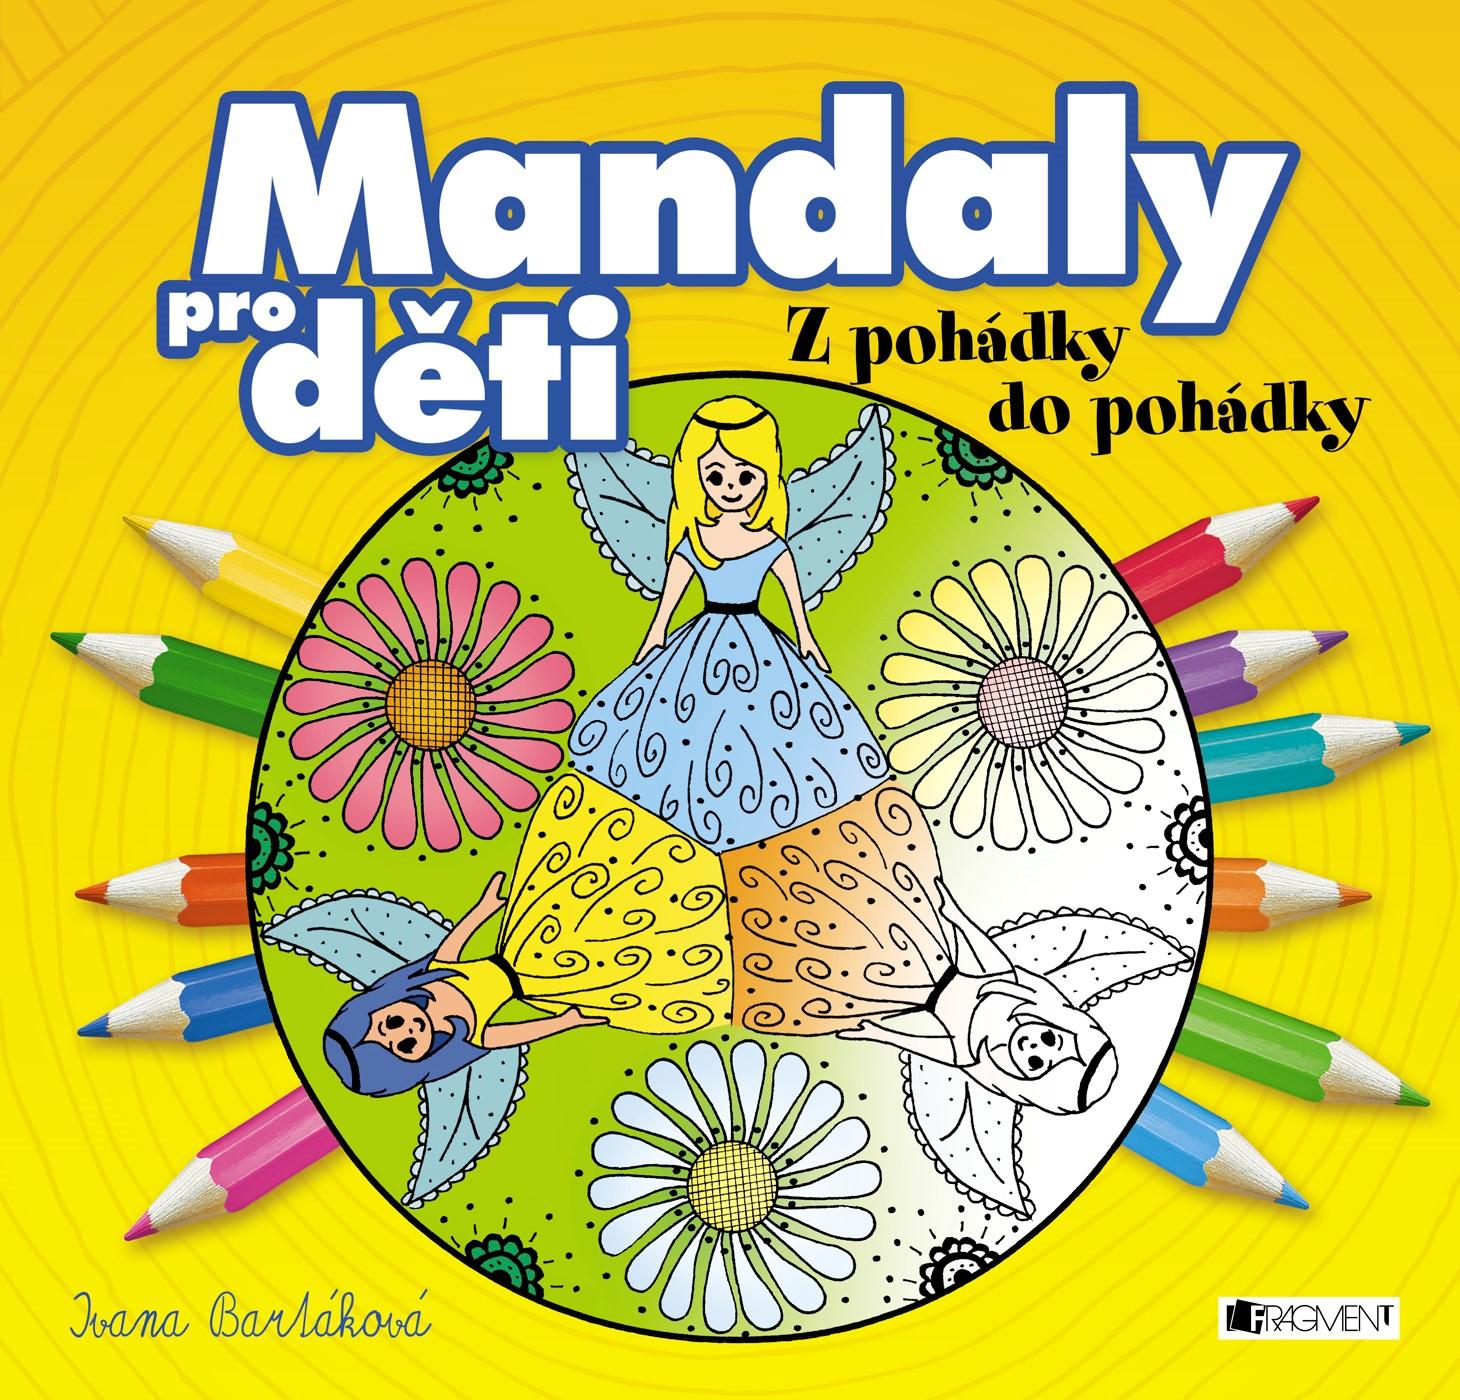 Fragment Mandaly pro děti - Z pohádky do pohádky -